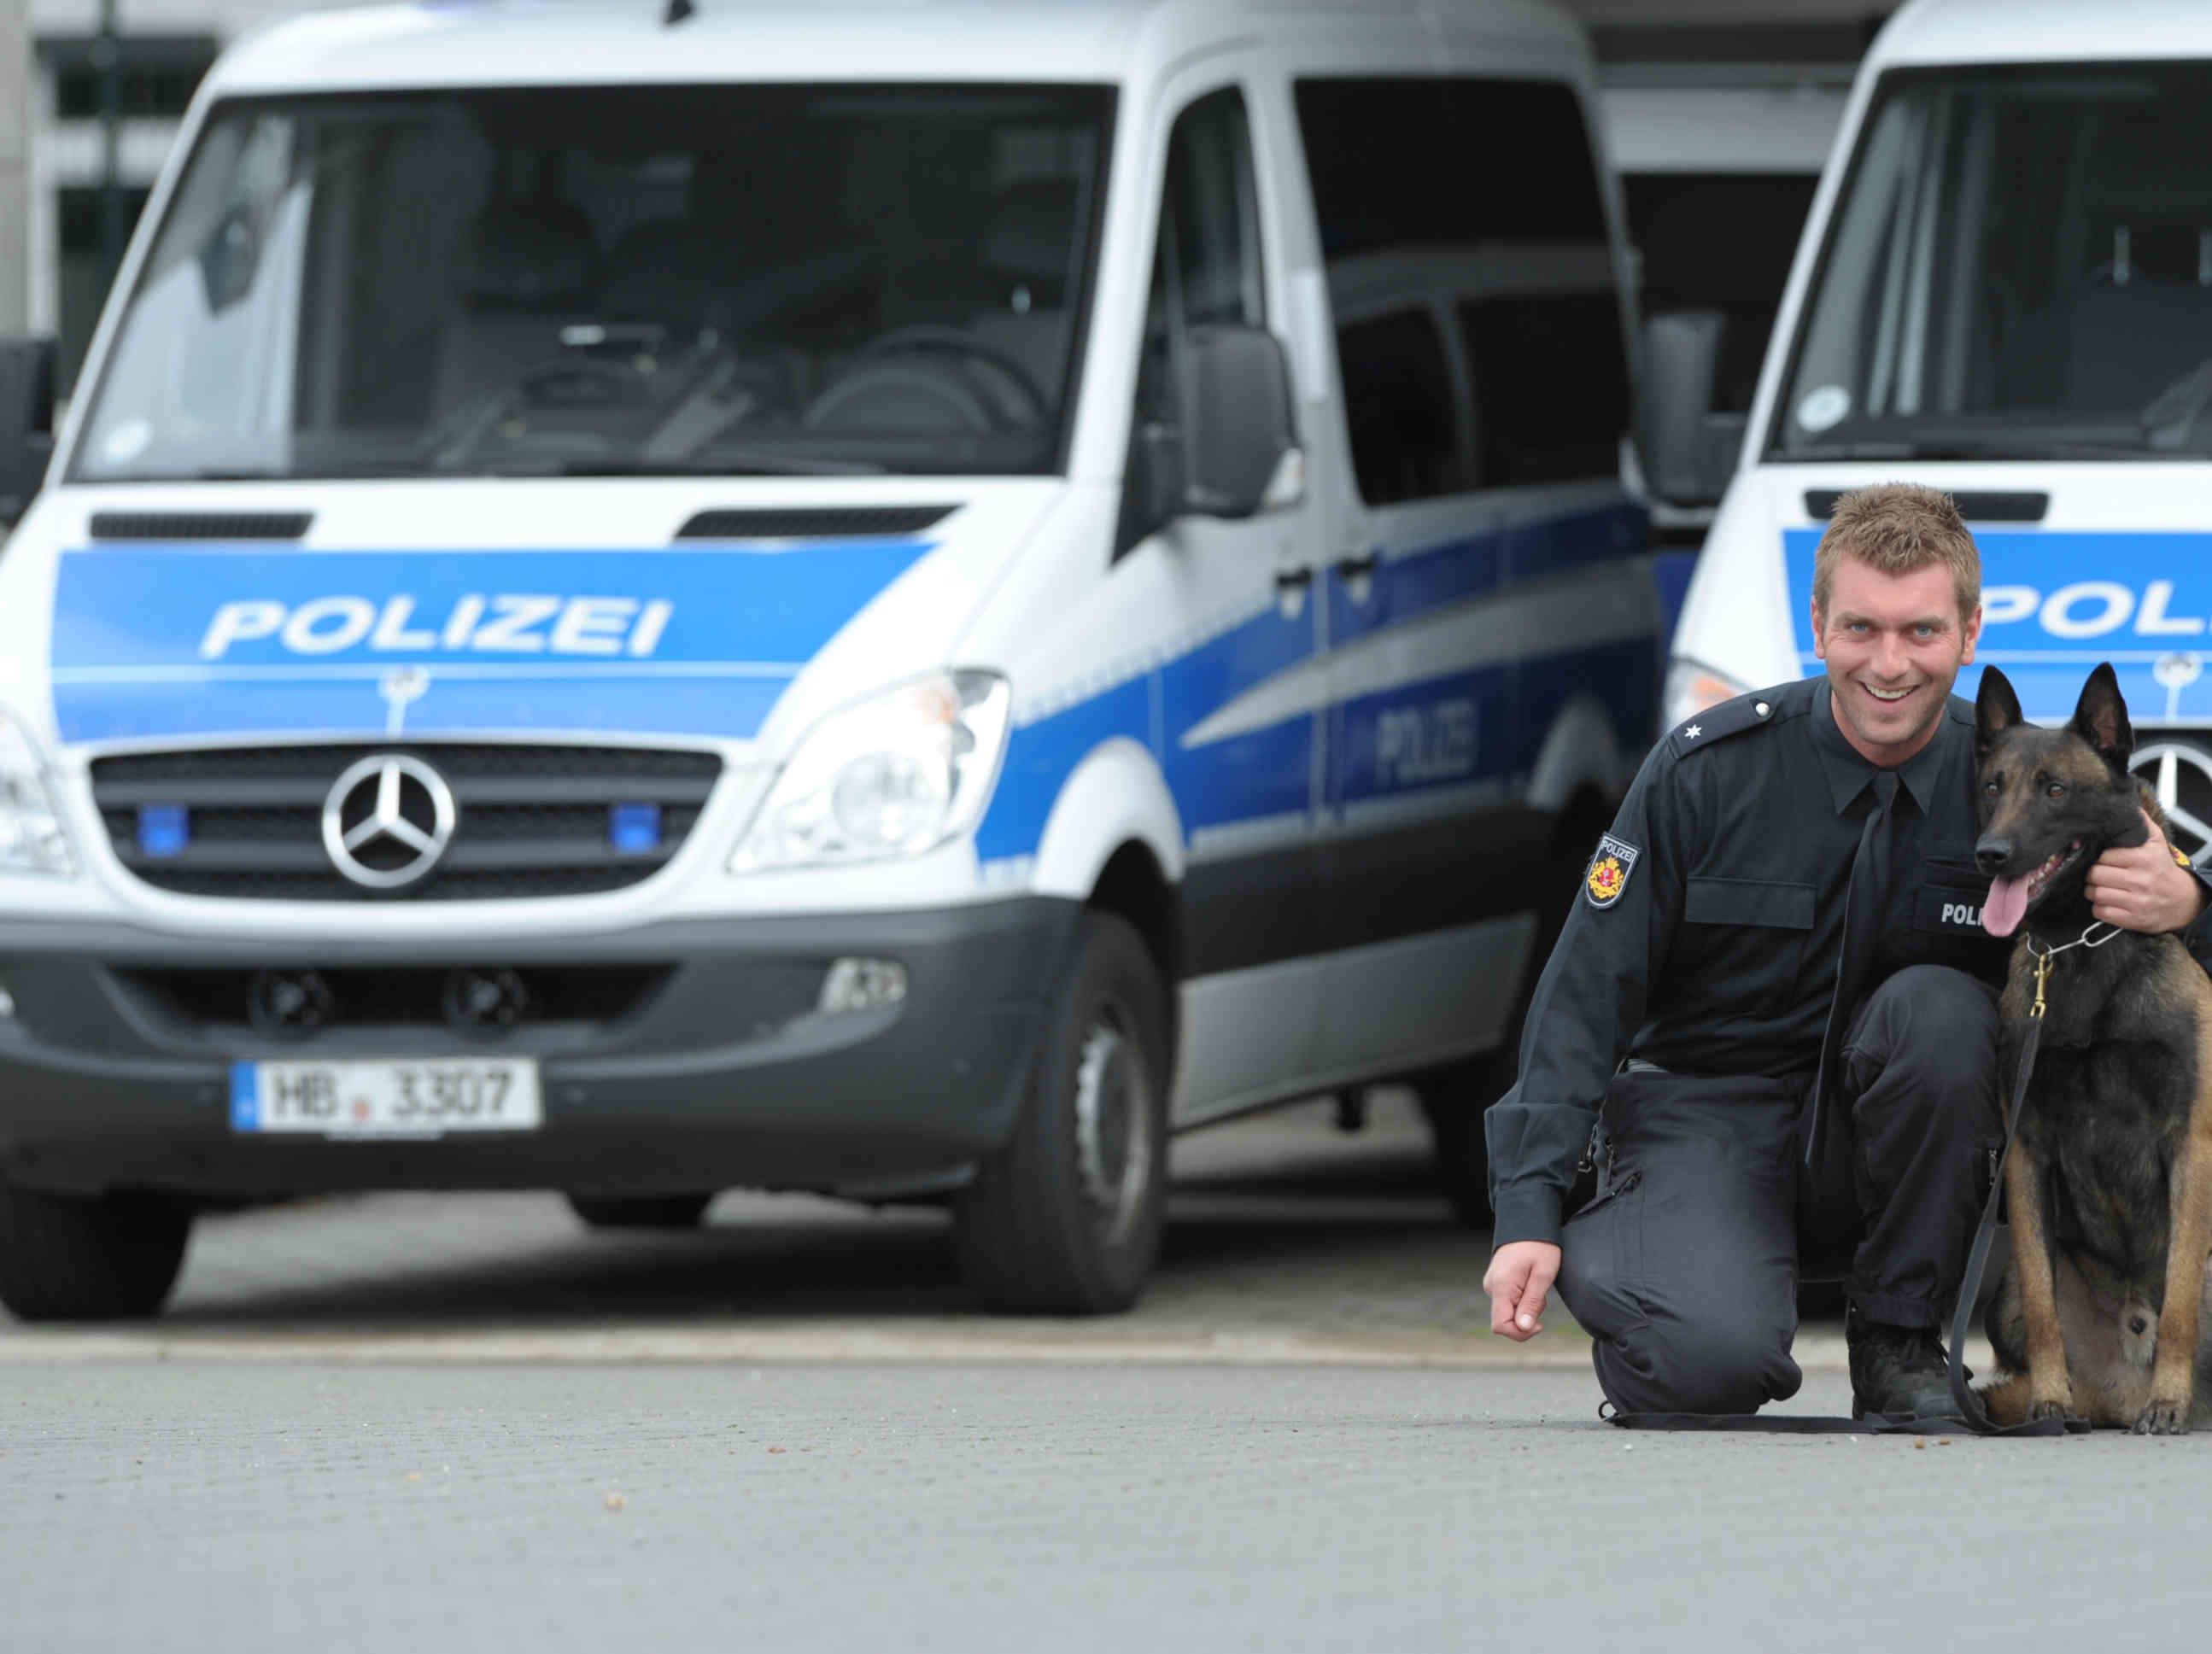 Polizei Bremen Bremen Aber Sicher Fragenantworten